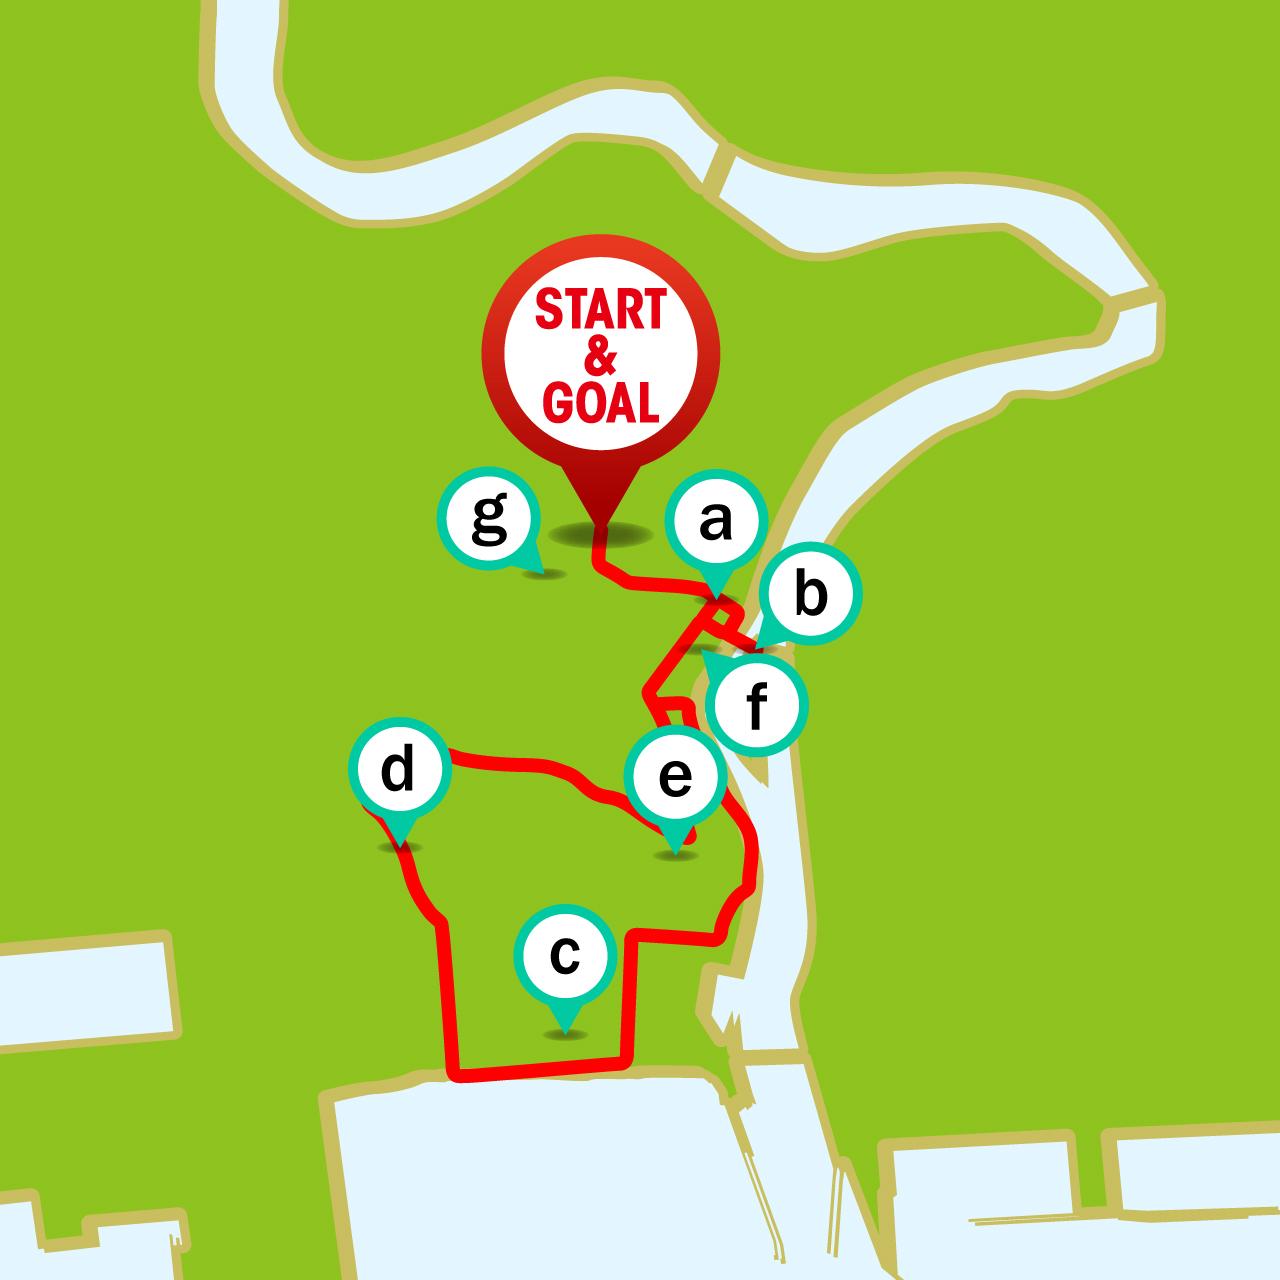 ツール・ド・東北 石巻周遊ライドコースのマップ